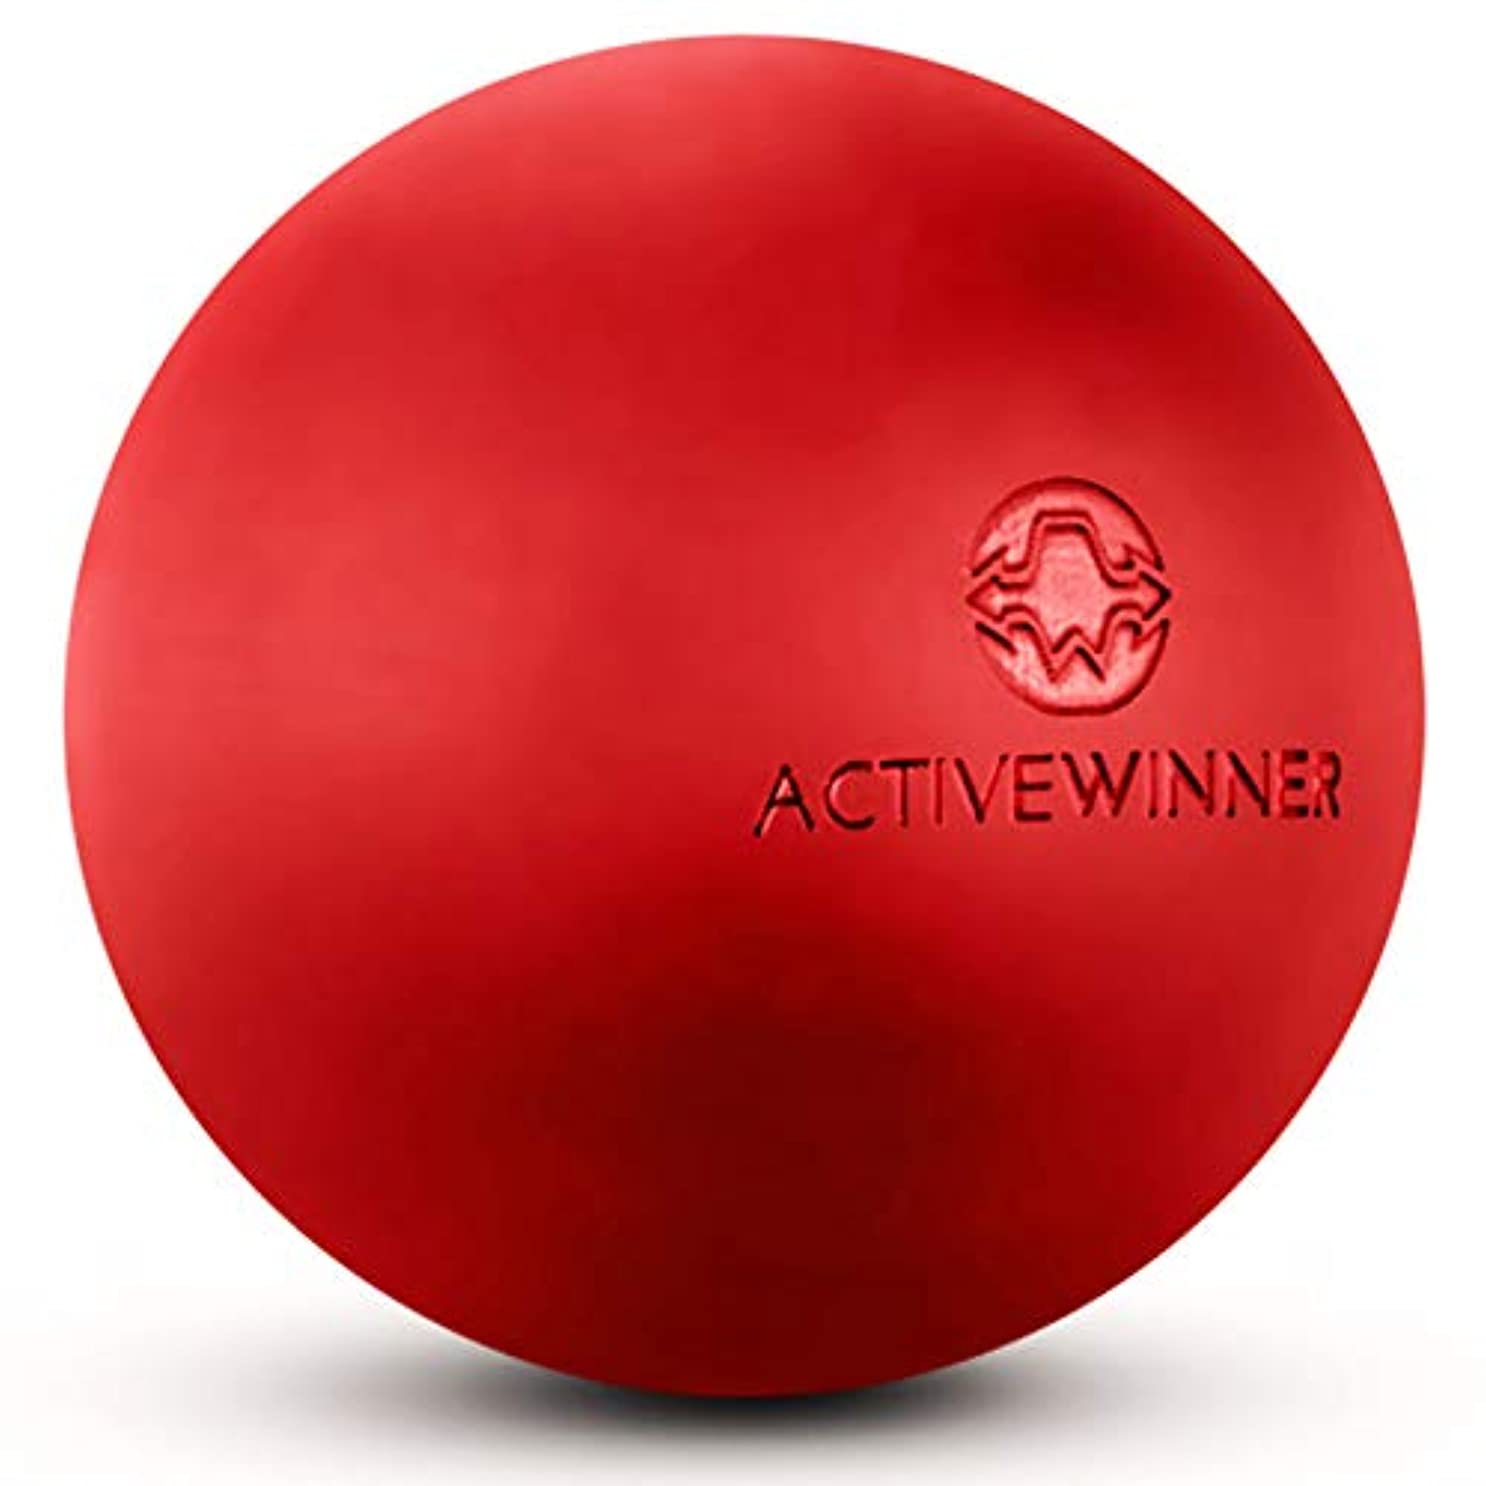 ビット支店遺伝的Active Winner マッサージボール トリガーポイント (レッド) ストレッチボール 筋膜リリース トレーニング 背中 肩こり 腰 ふくらはぎ 足 ツボ押し